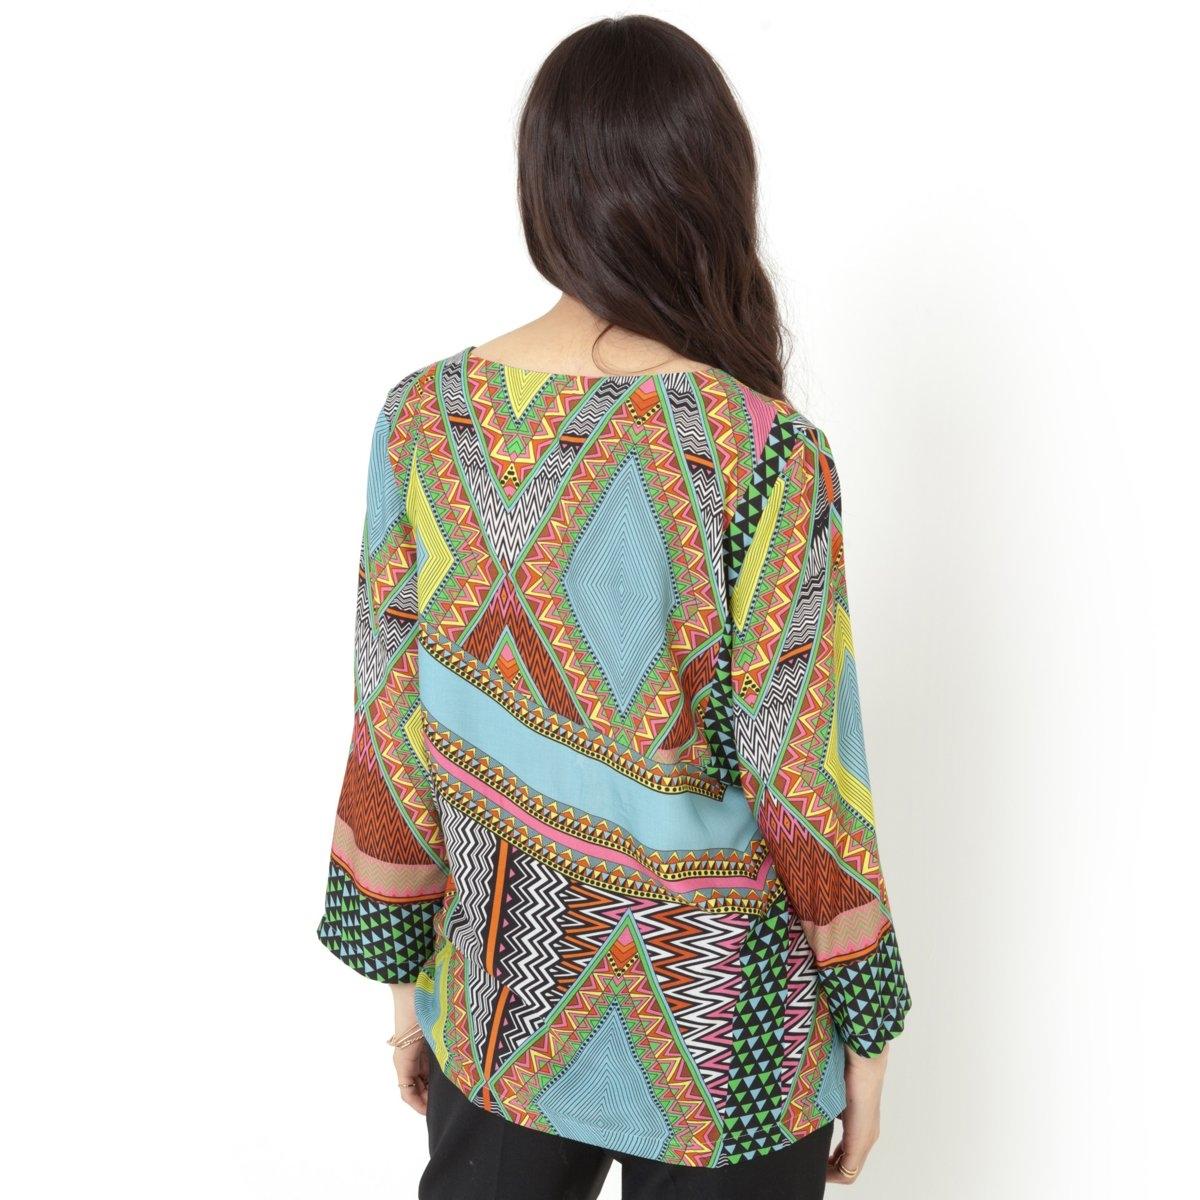 Блузка с рисункомСтруящаяся блузка с рисунком. 100% вискозы. Квадратный покрой. Рукава 3/4. Длина 63 см.<br><br>Цвет: рисунок разноцветный этнический